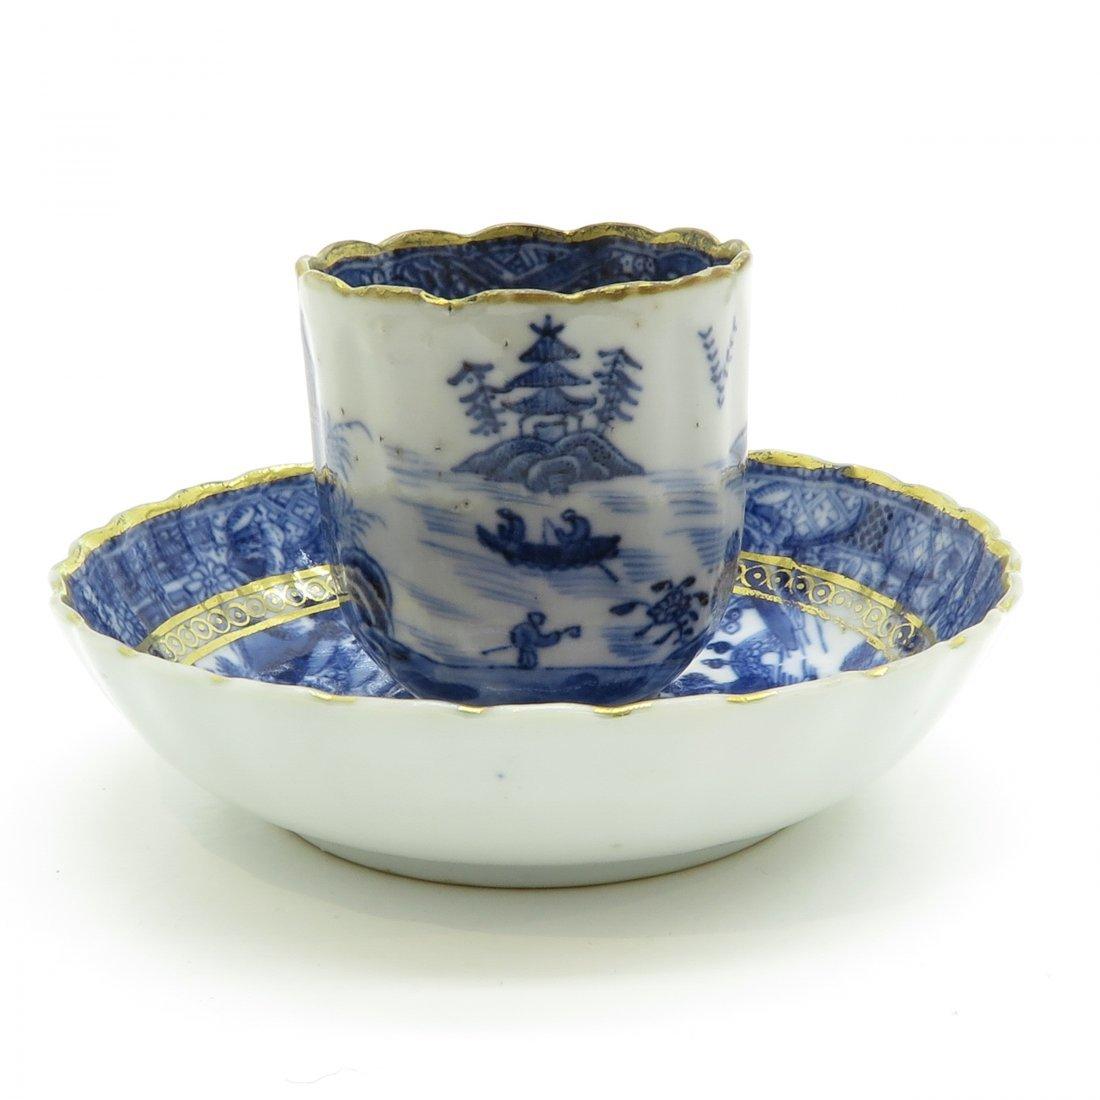 China Porcelain Cup and Saucer Circa 1800 - 4